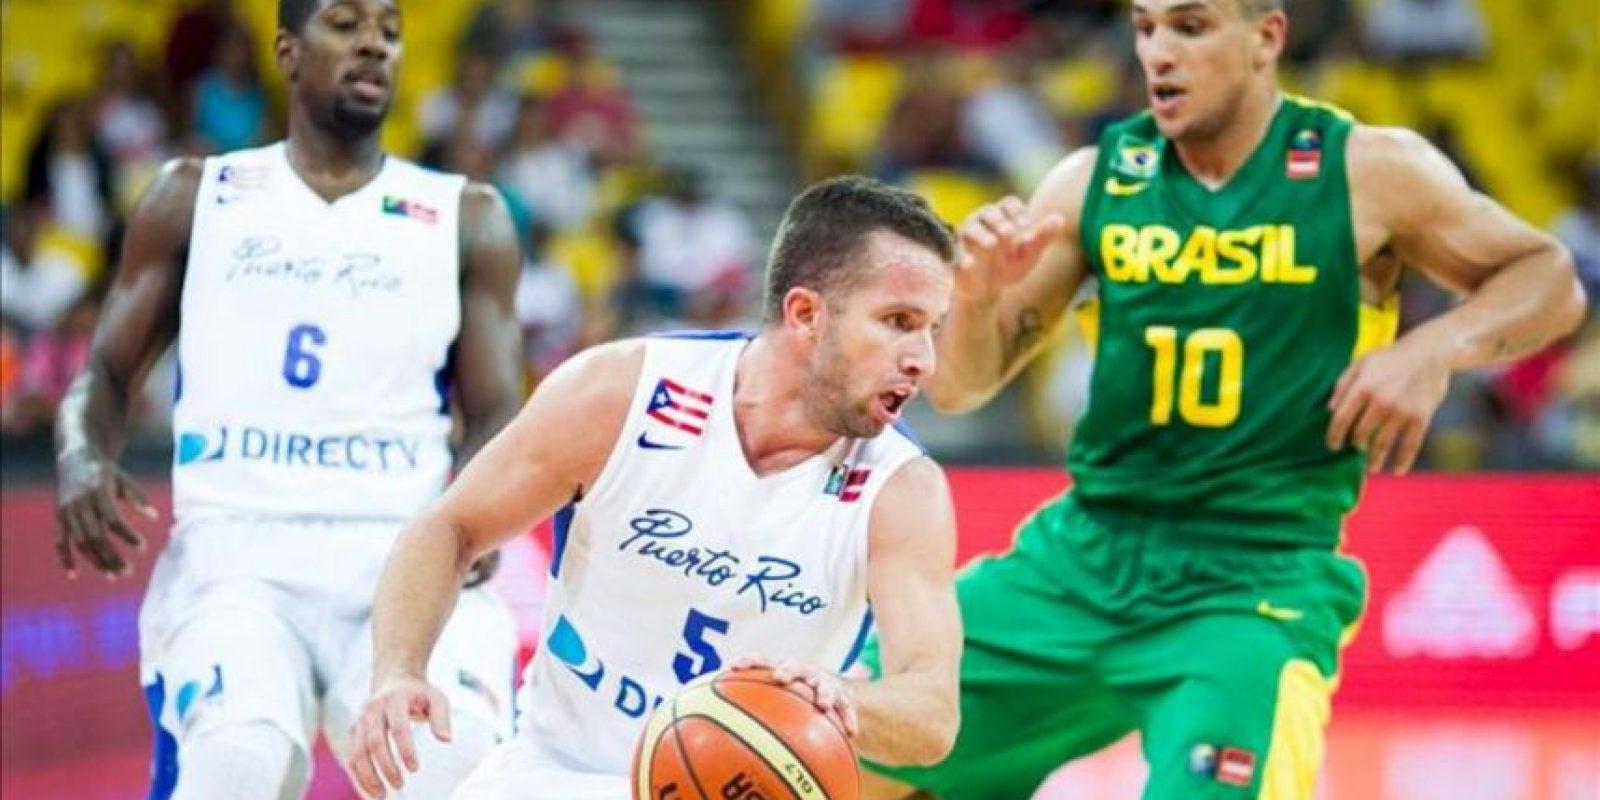 El jugador José Barea (c) de Puerto Rico controla el balón contra su oponente de Brasil (d), durante la primera jornada del Premundial de las Américas de Baloncesto que se disputa en Caracas (Venezuela). EFE